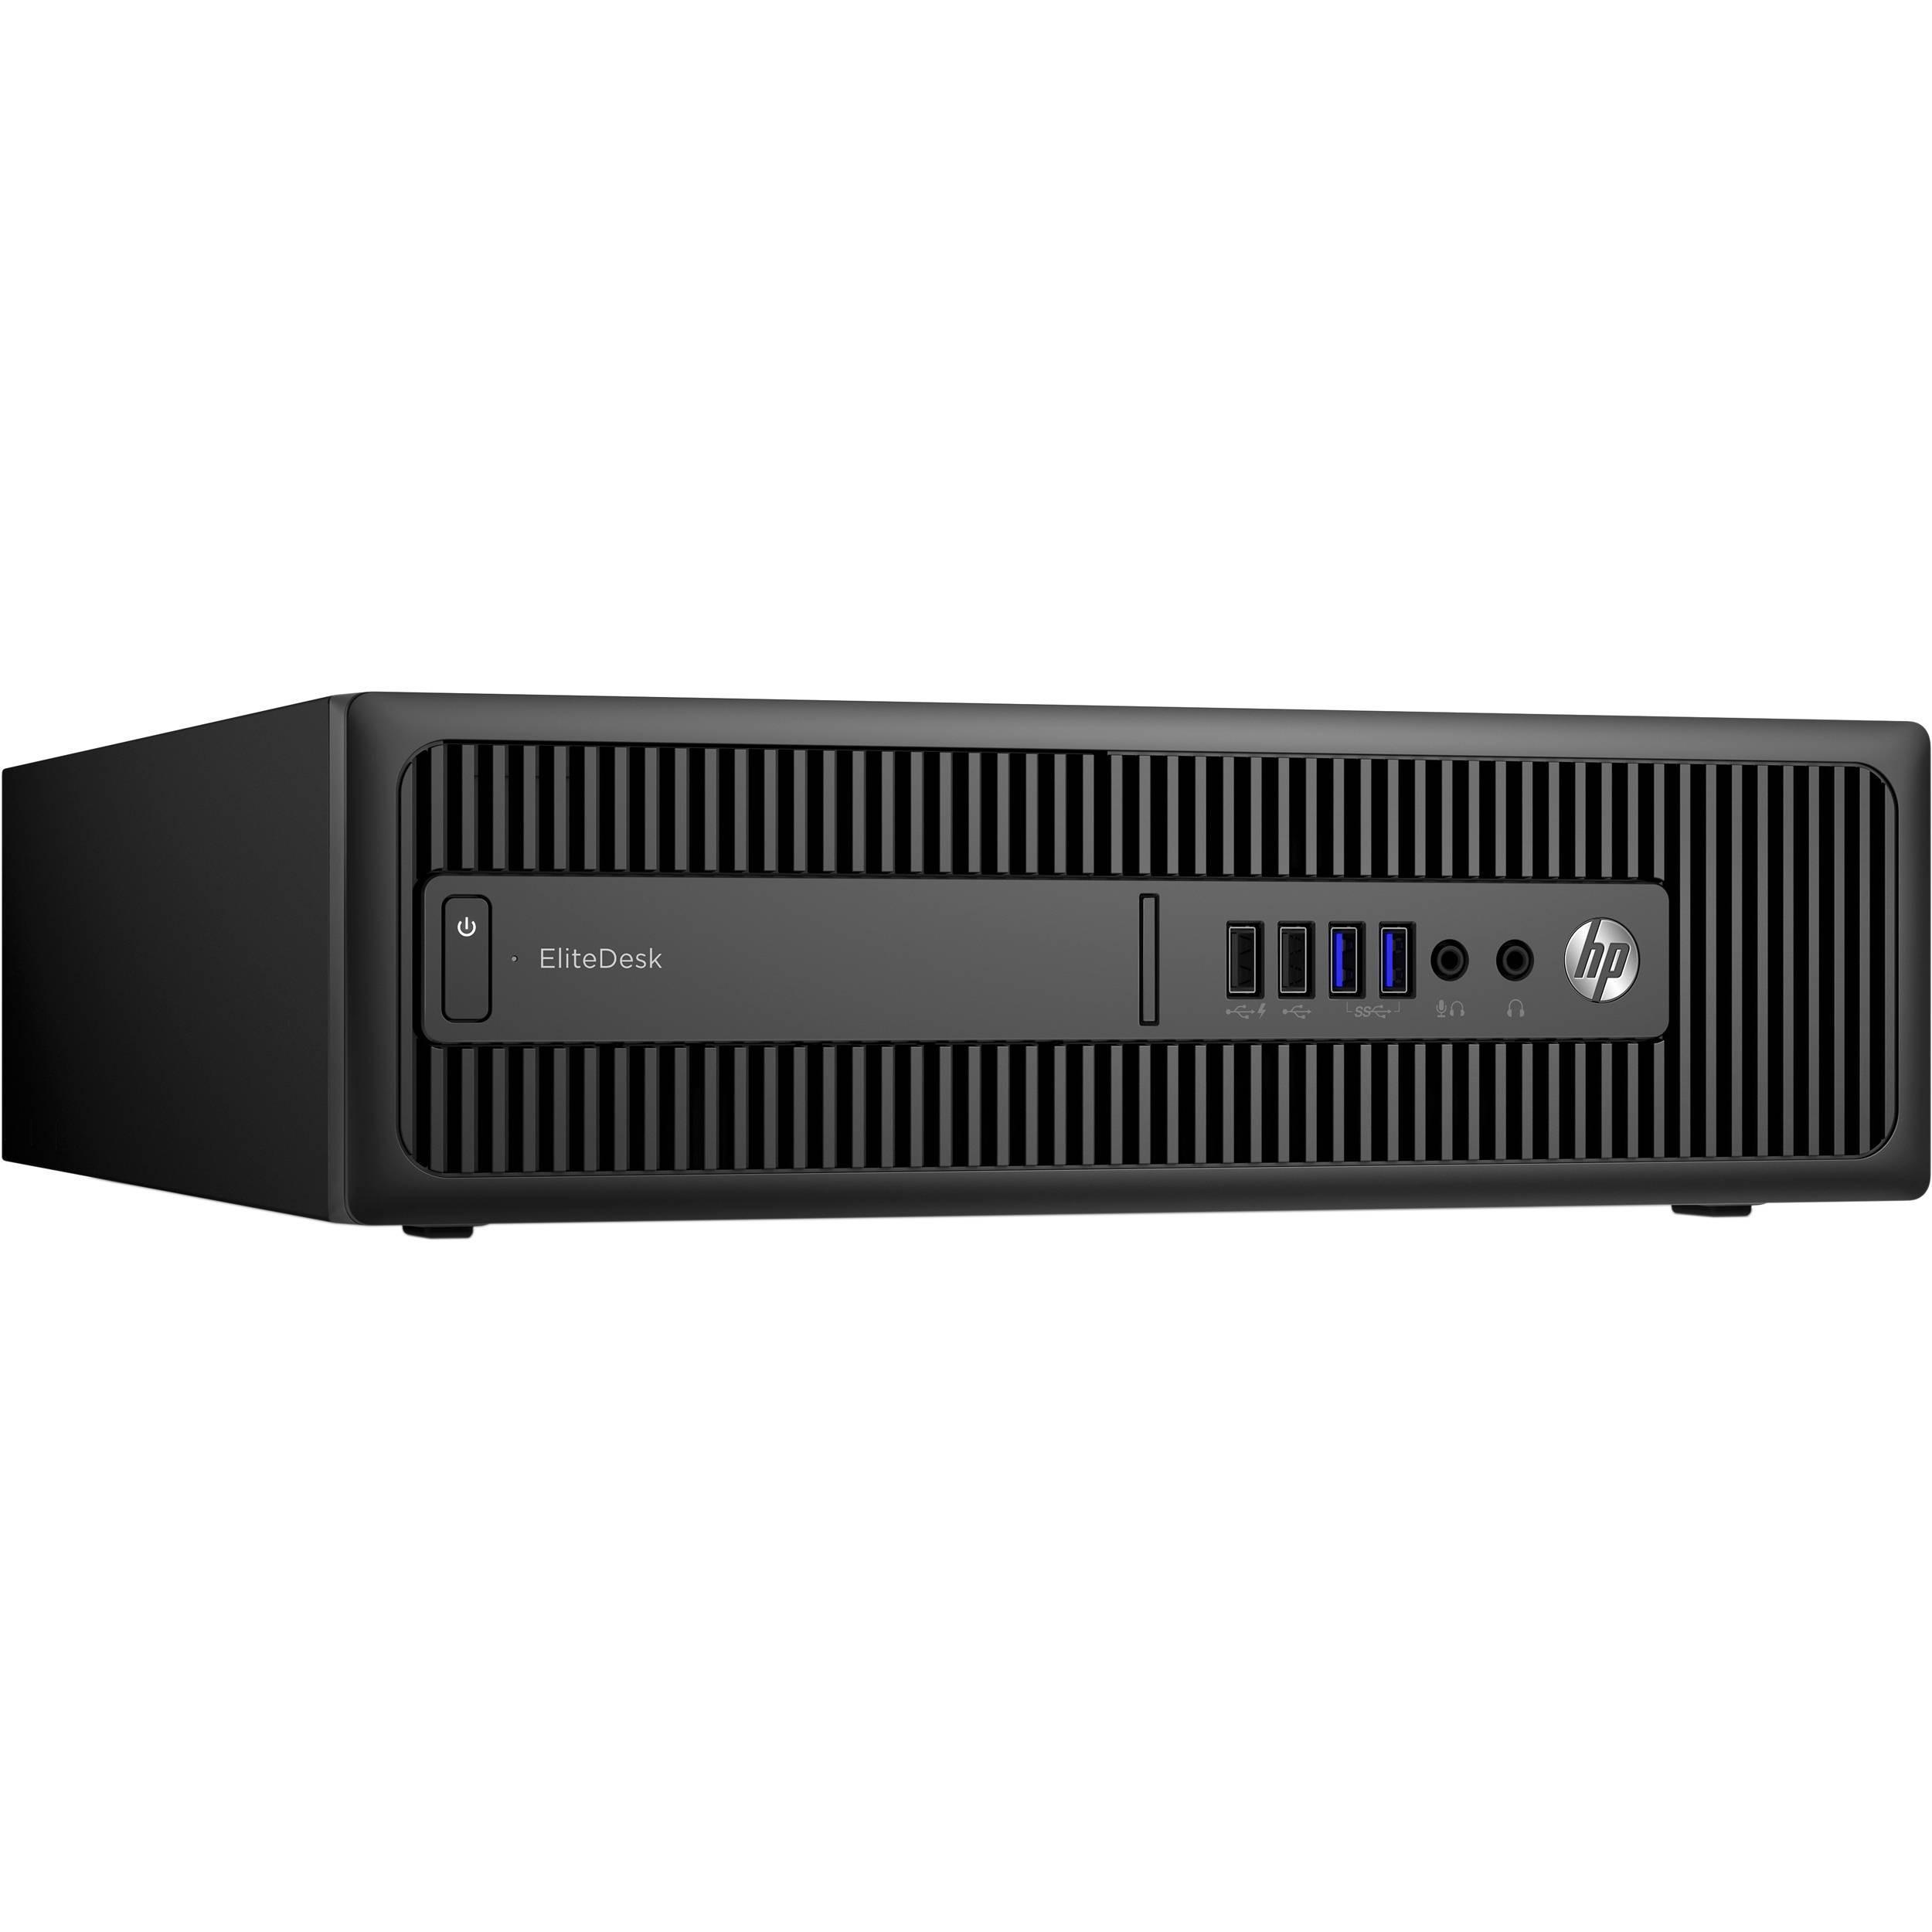 HP EliteDesk 800 G2 SFF Core i5-6500 3,2 - HDD 500 Gb - 8GB